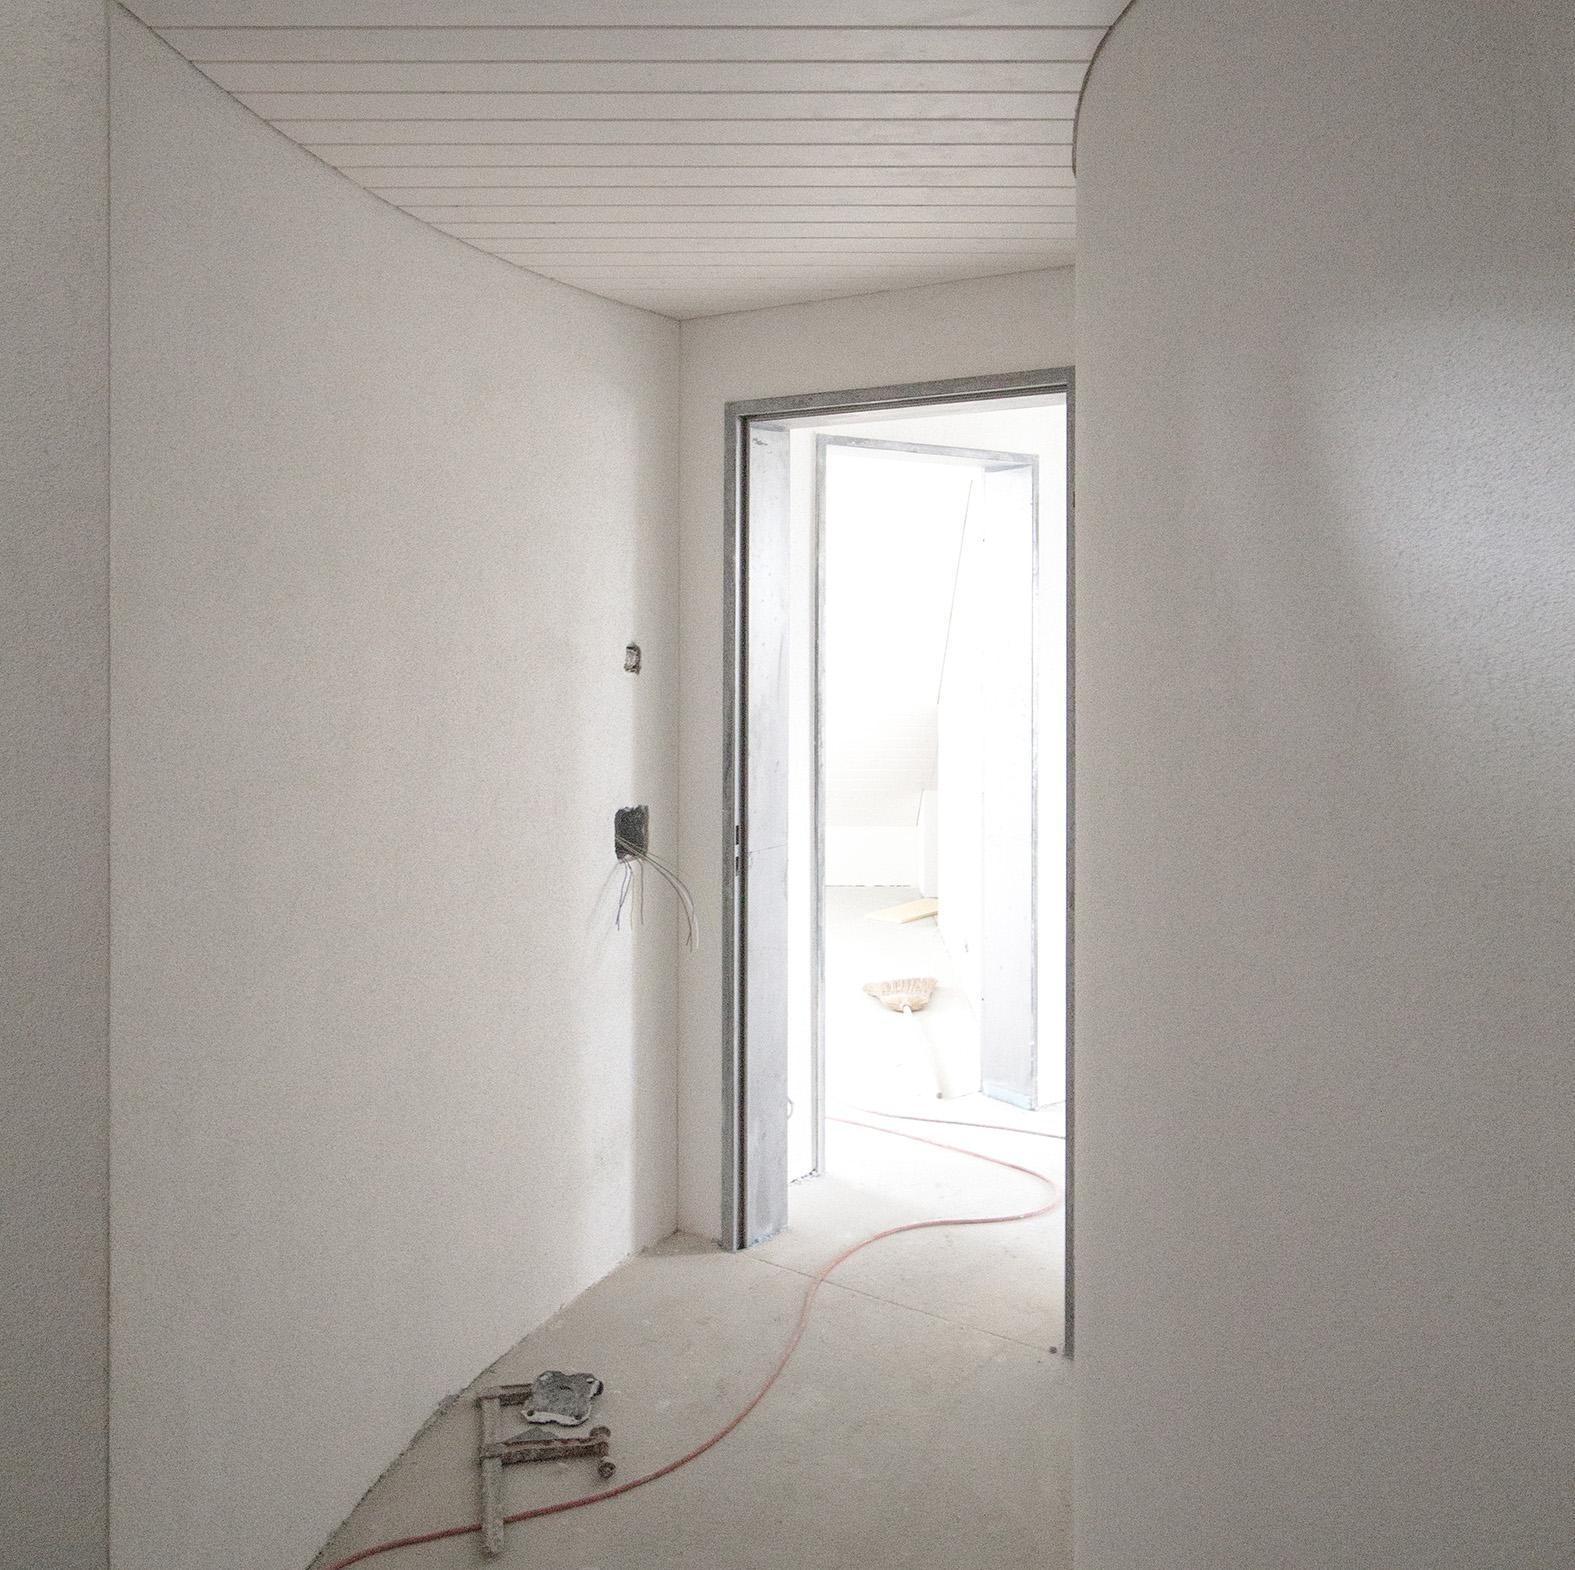 Korridor rund kl